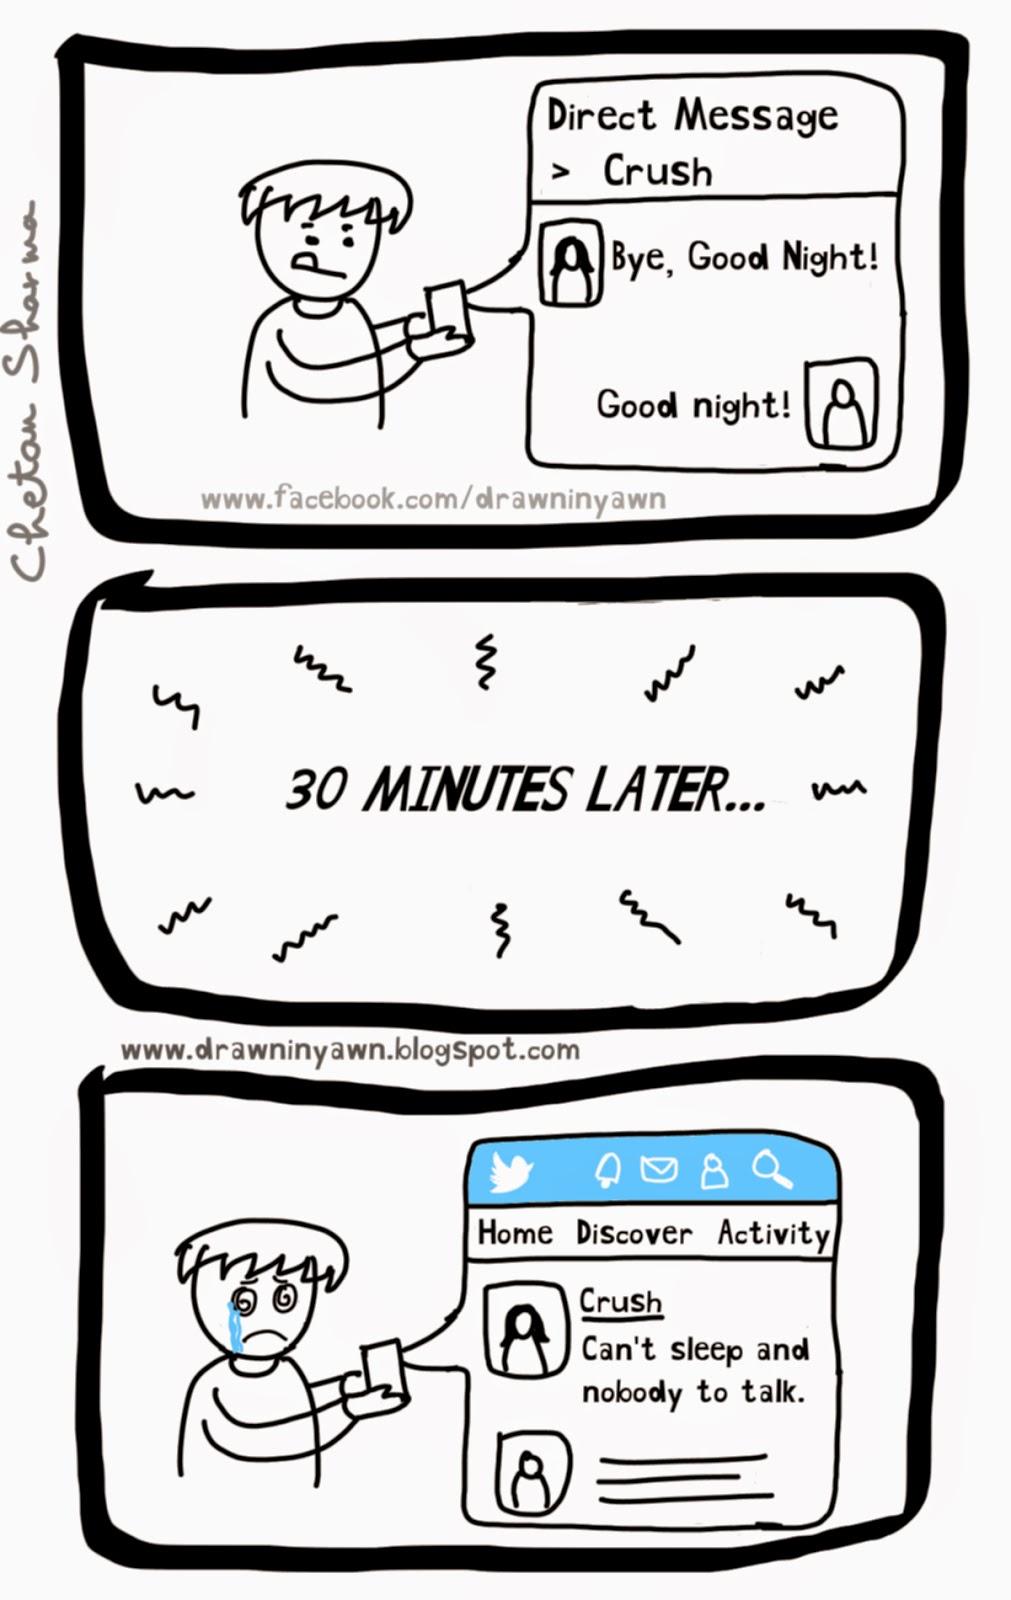 Drawn In Yawn: Twitter Crush